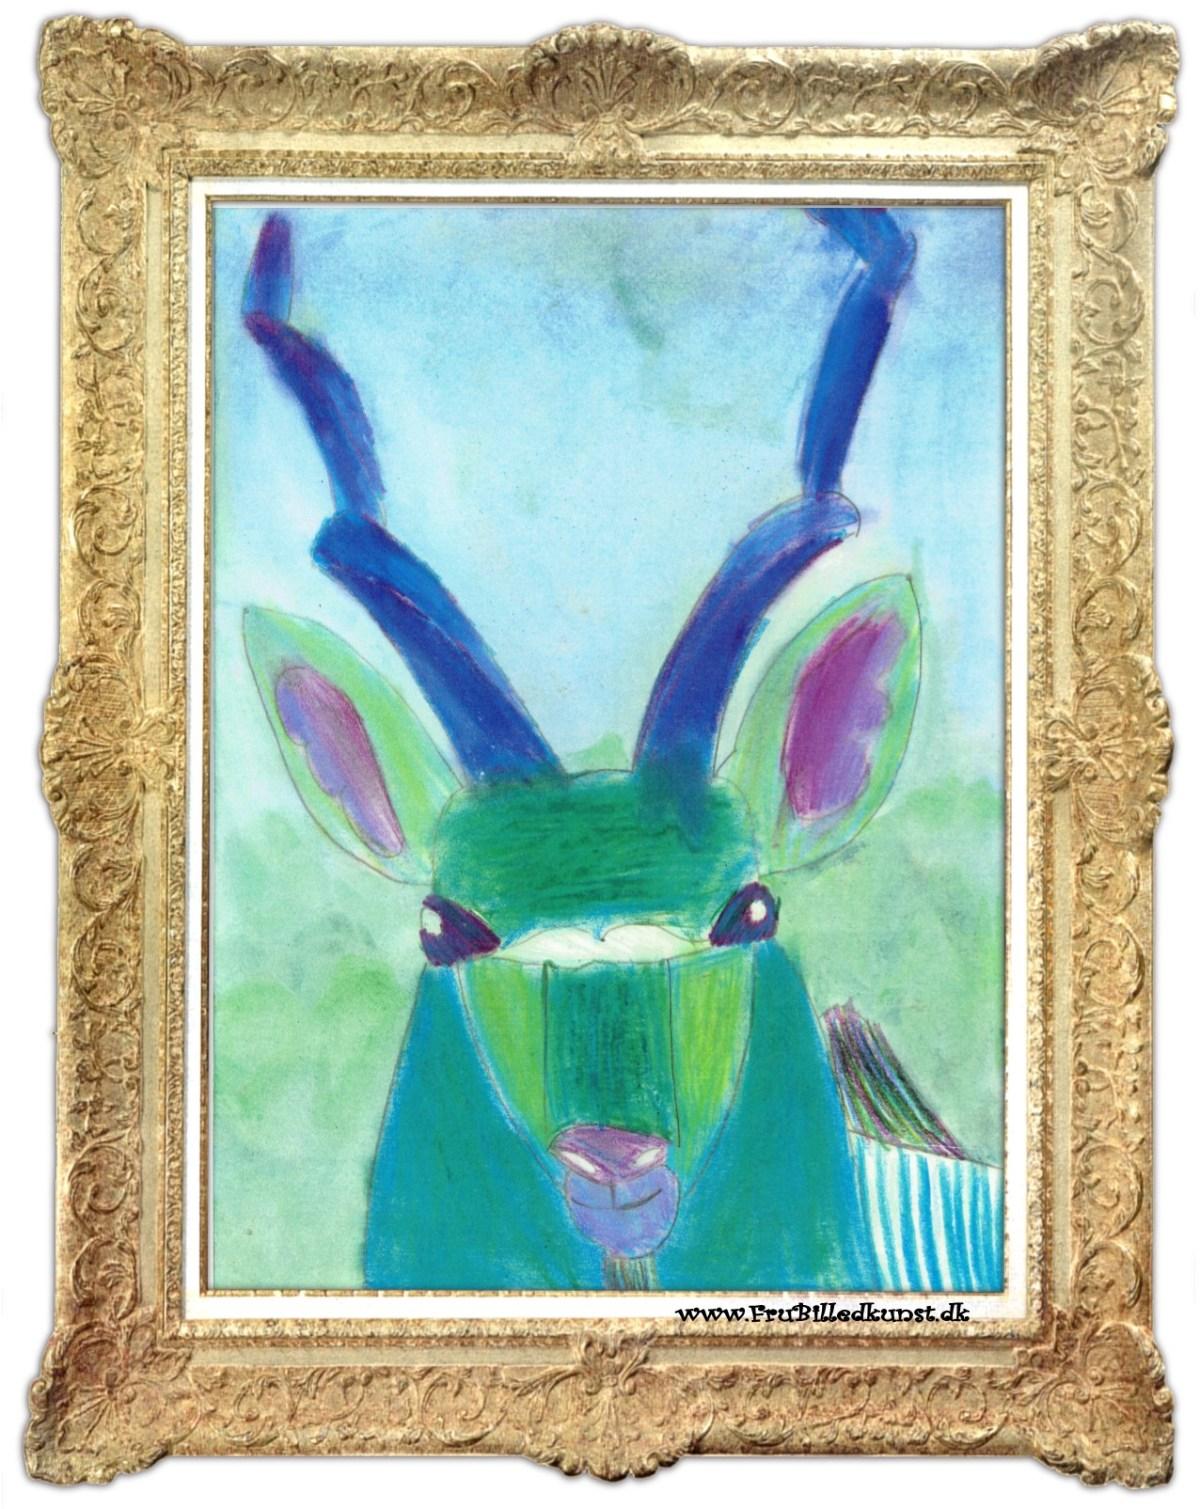 www.Frubilledkunst.dk - great kudu art lesson